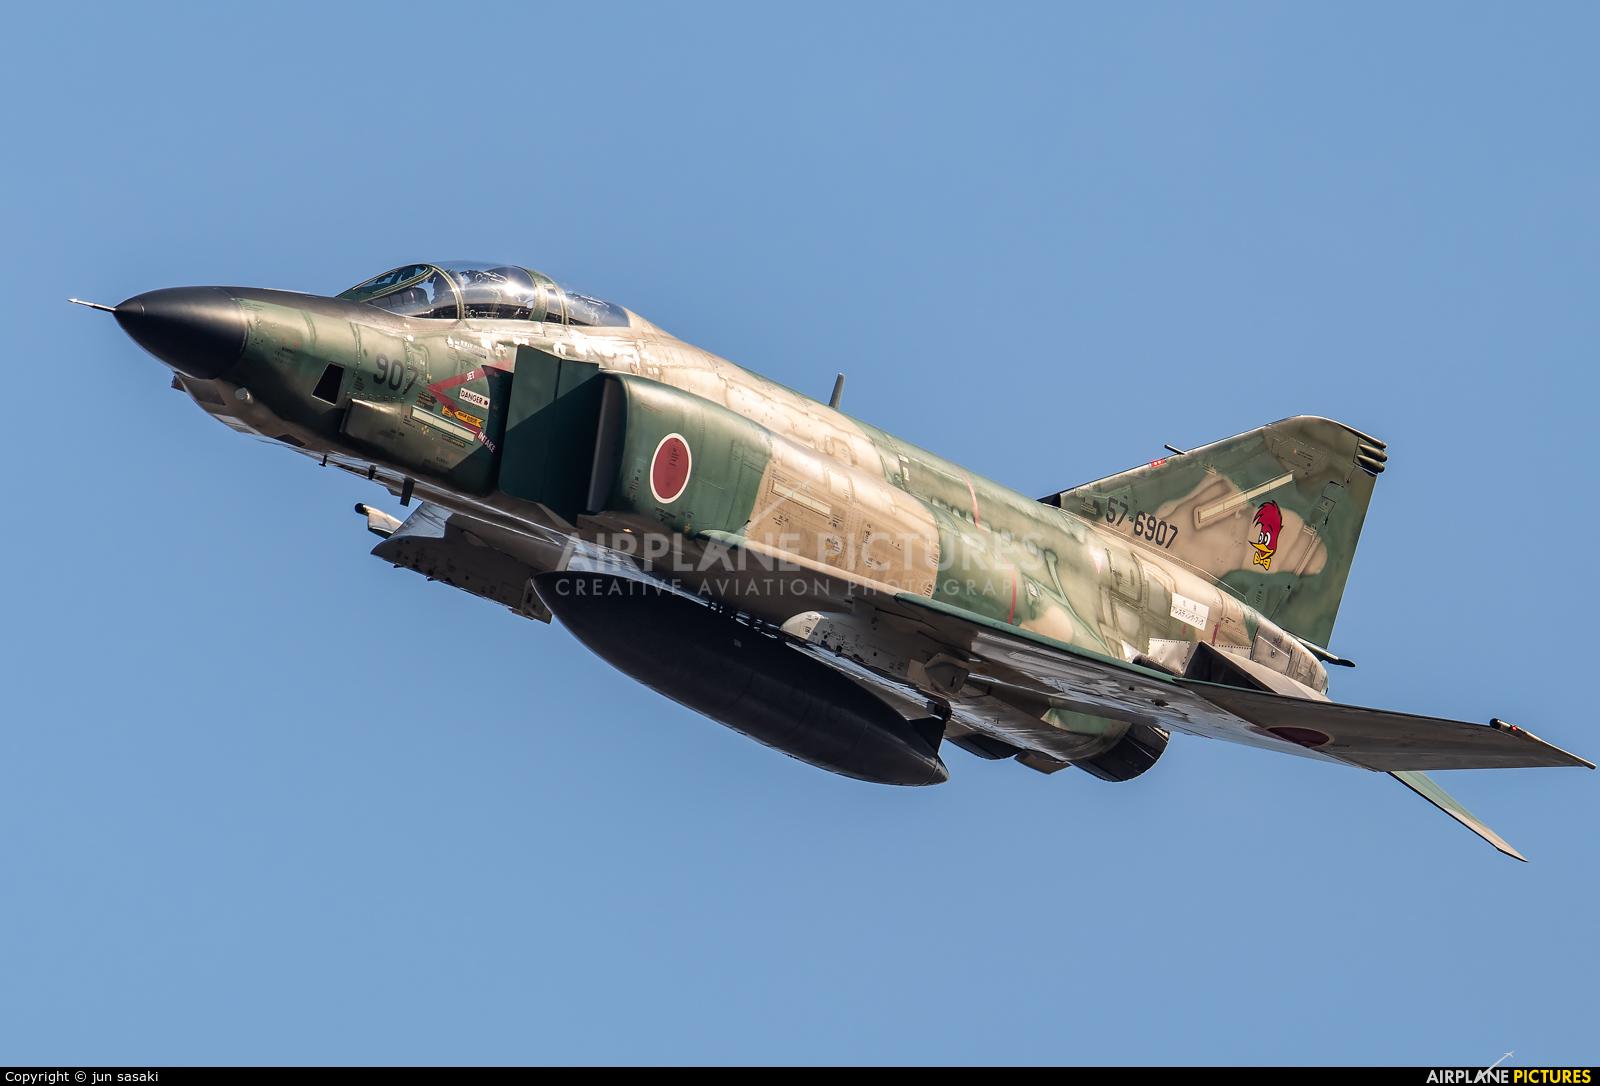 Japan - Air Self Defence Force 57-6907 aircraft at Ibaraki - Hyakuri AB